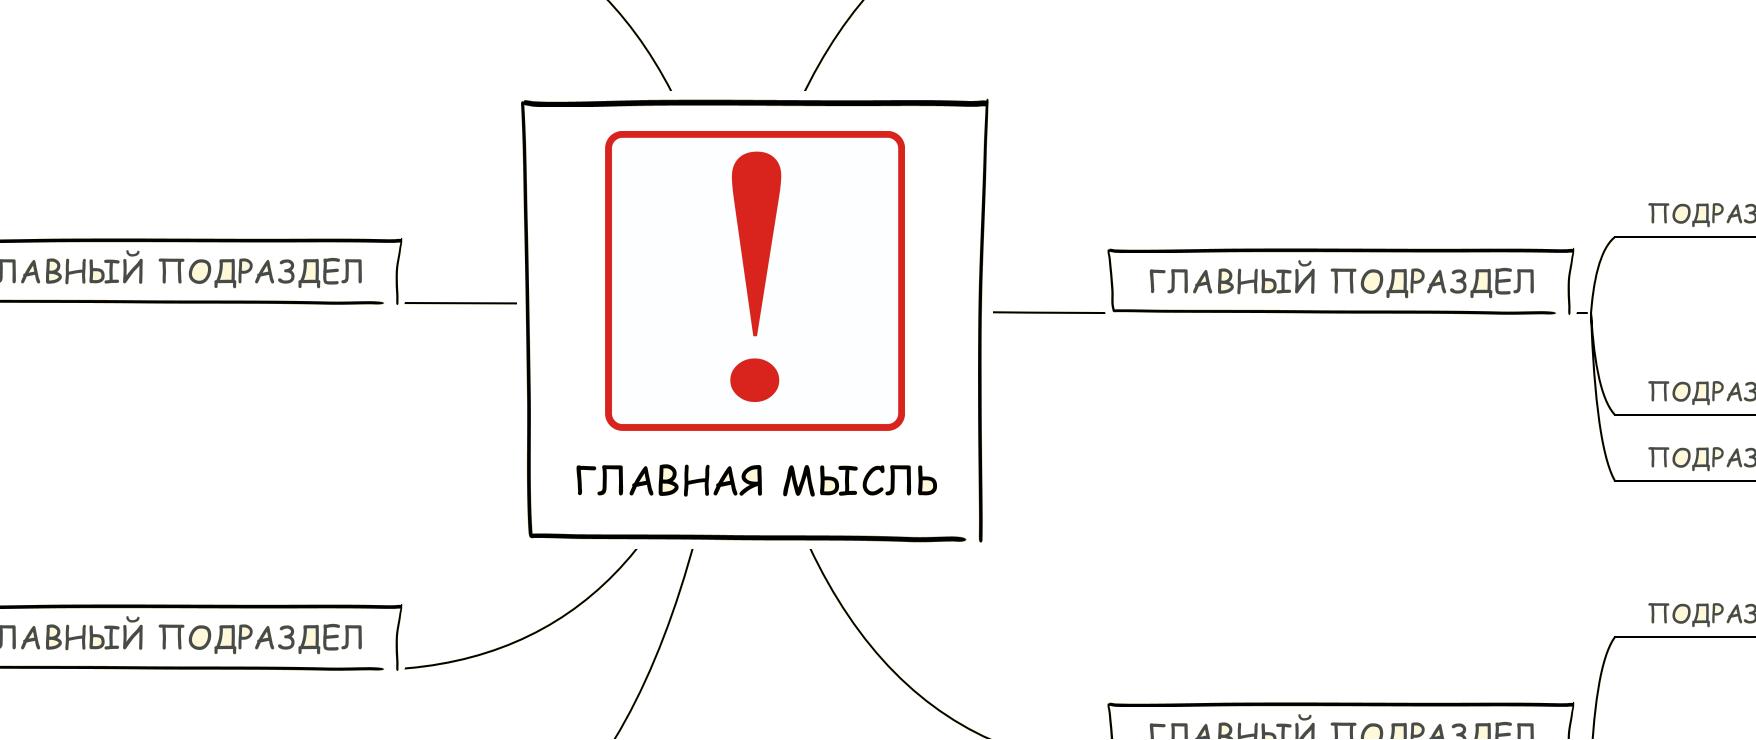 Mind Mapping, или как заставить свой мозг работать лучше - 12